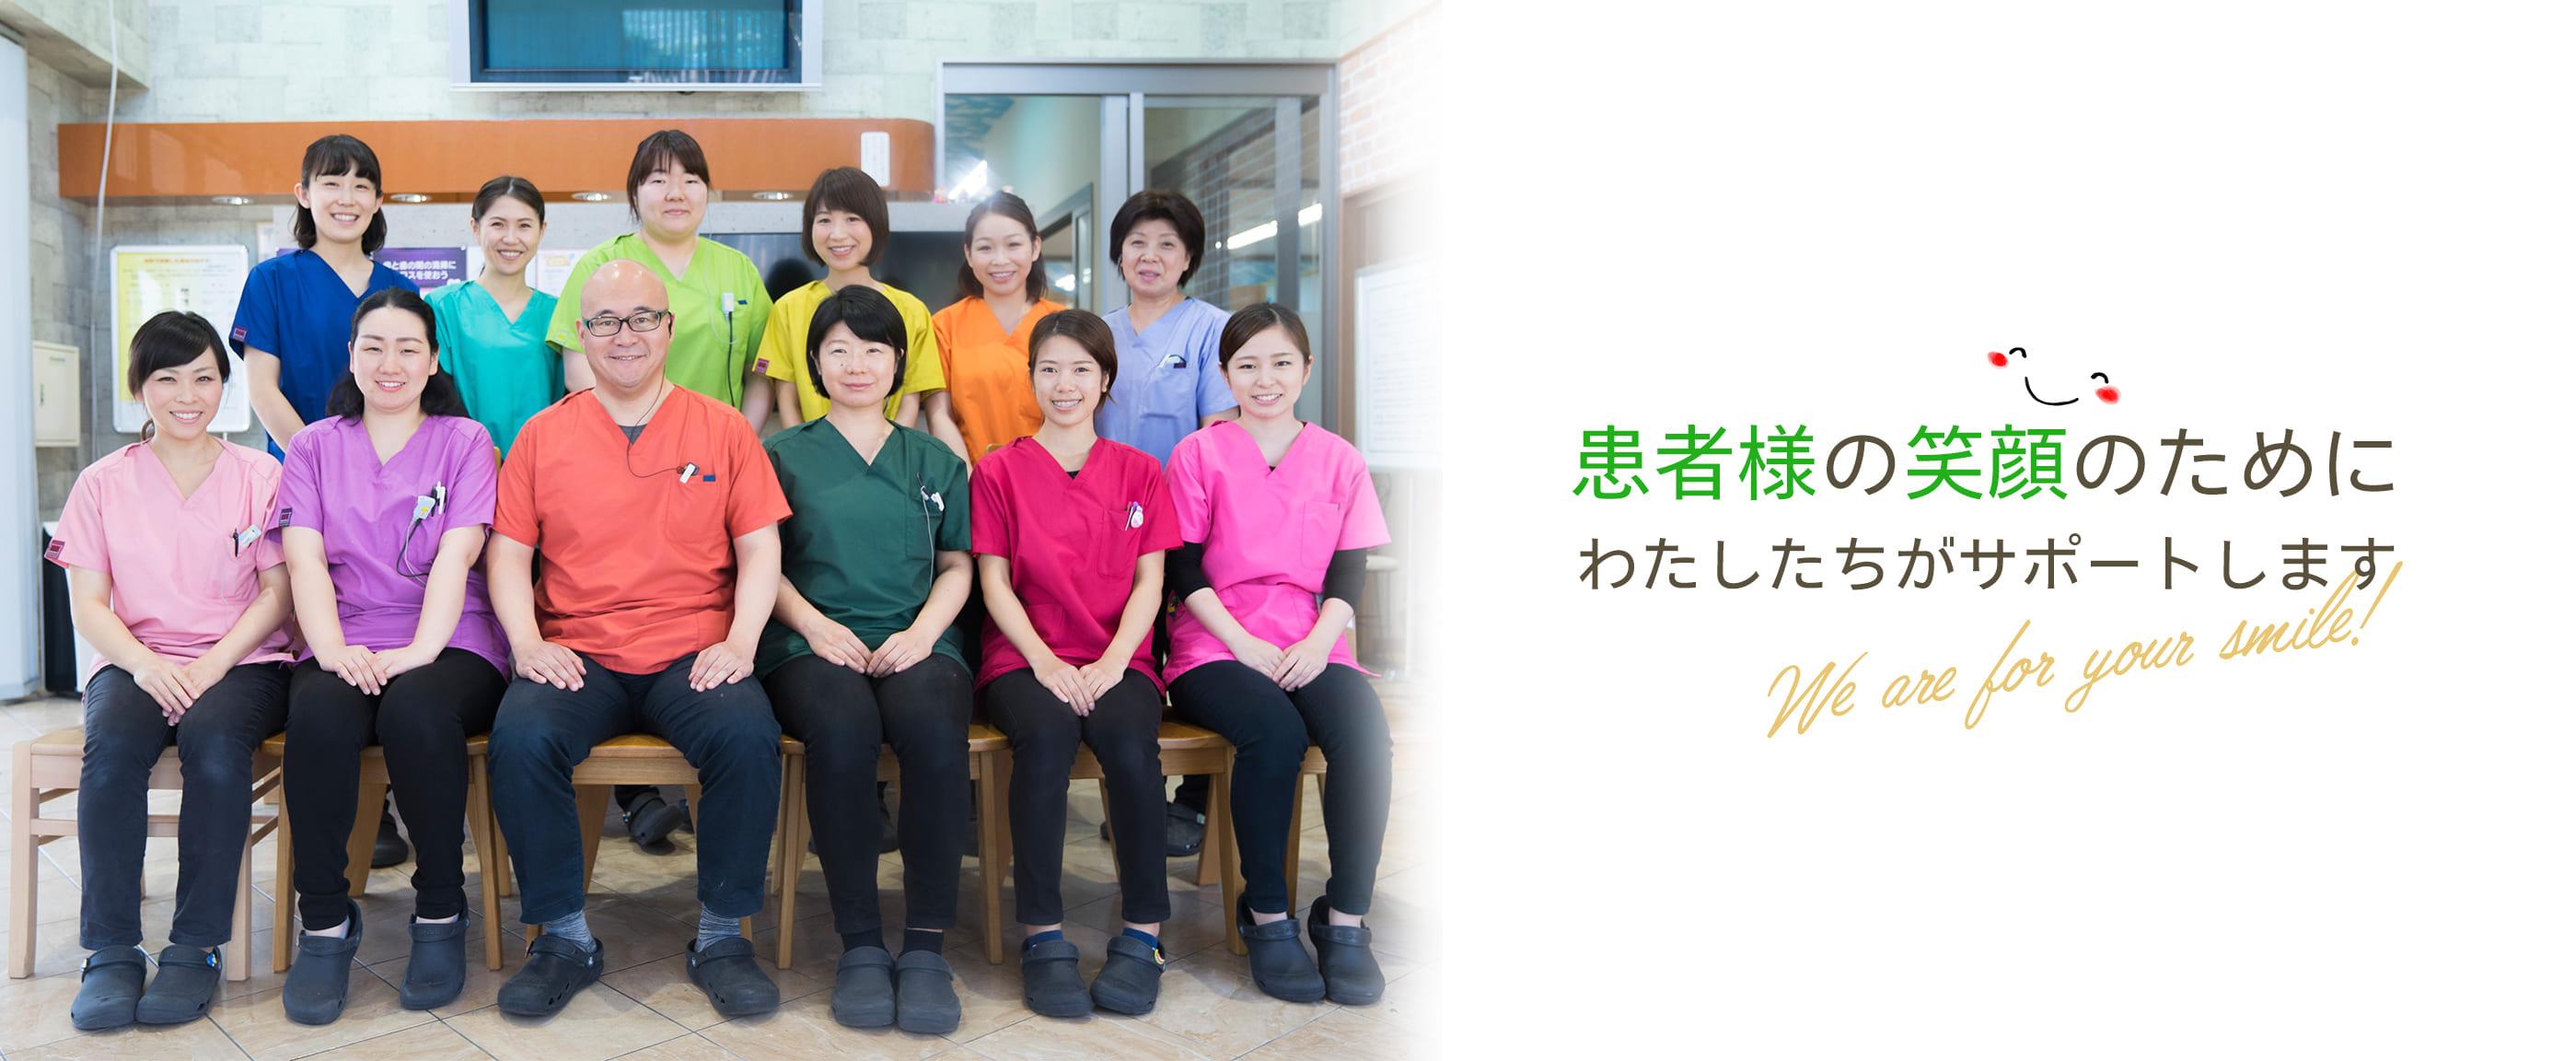 患者様の笑顔のためにわたしたちがサポートします